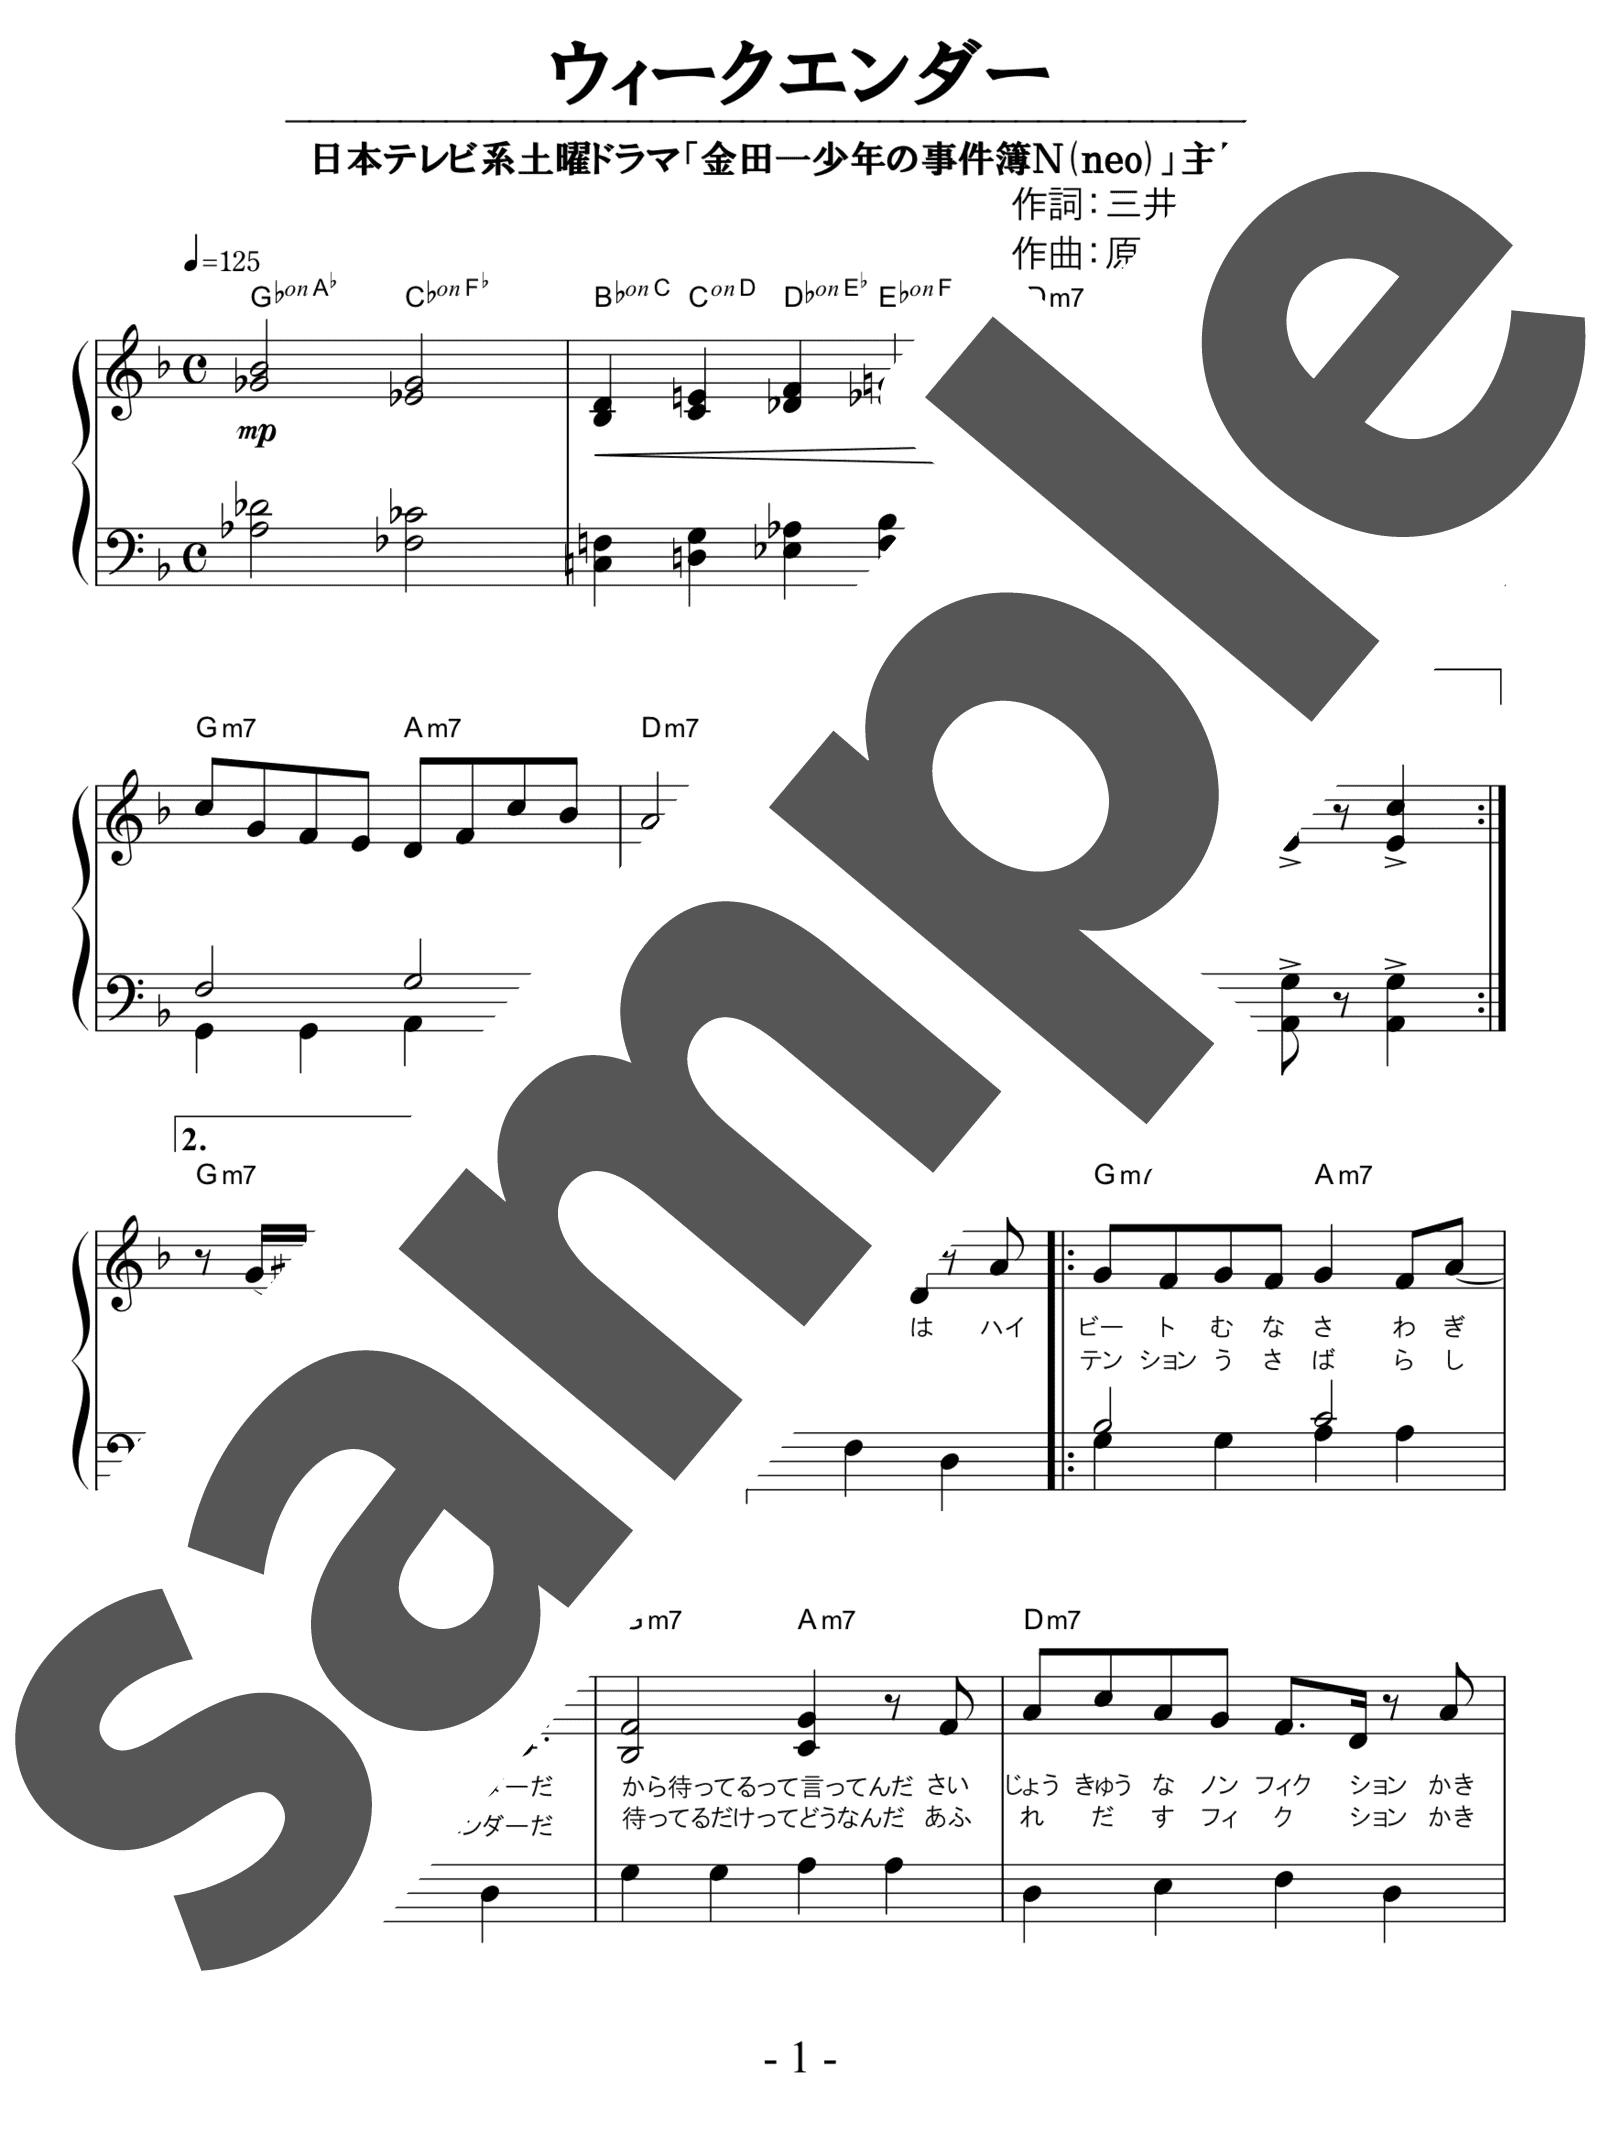 「ウィークエンダー」のサンプル楽譜